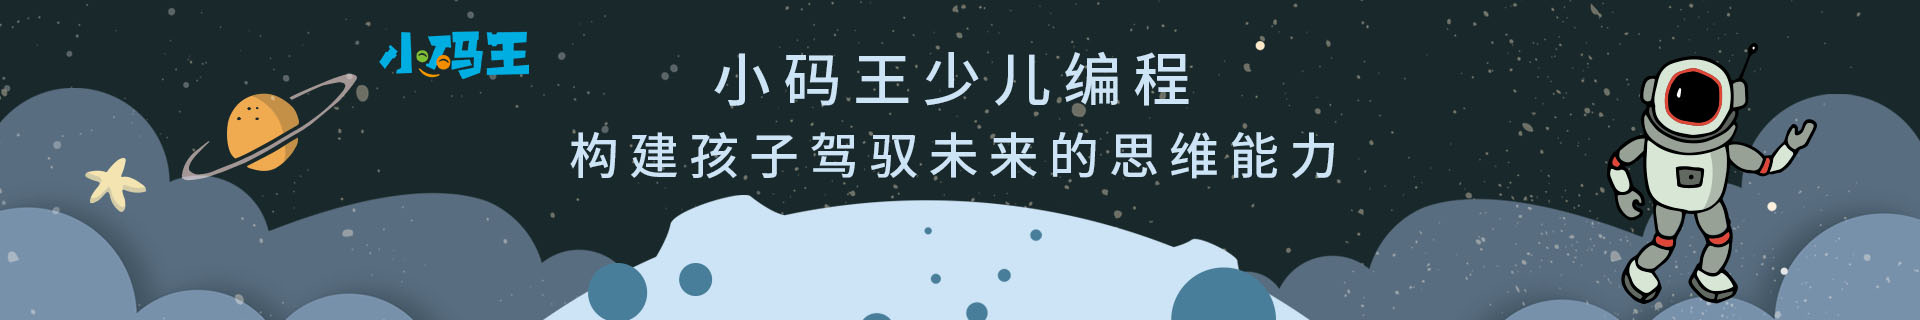 合肥财富广场小码王少儿编程培训